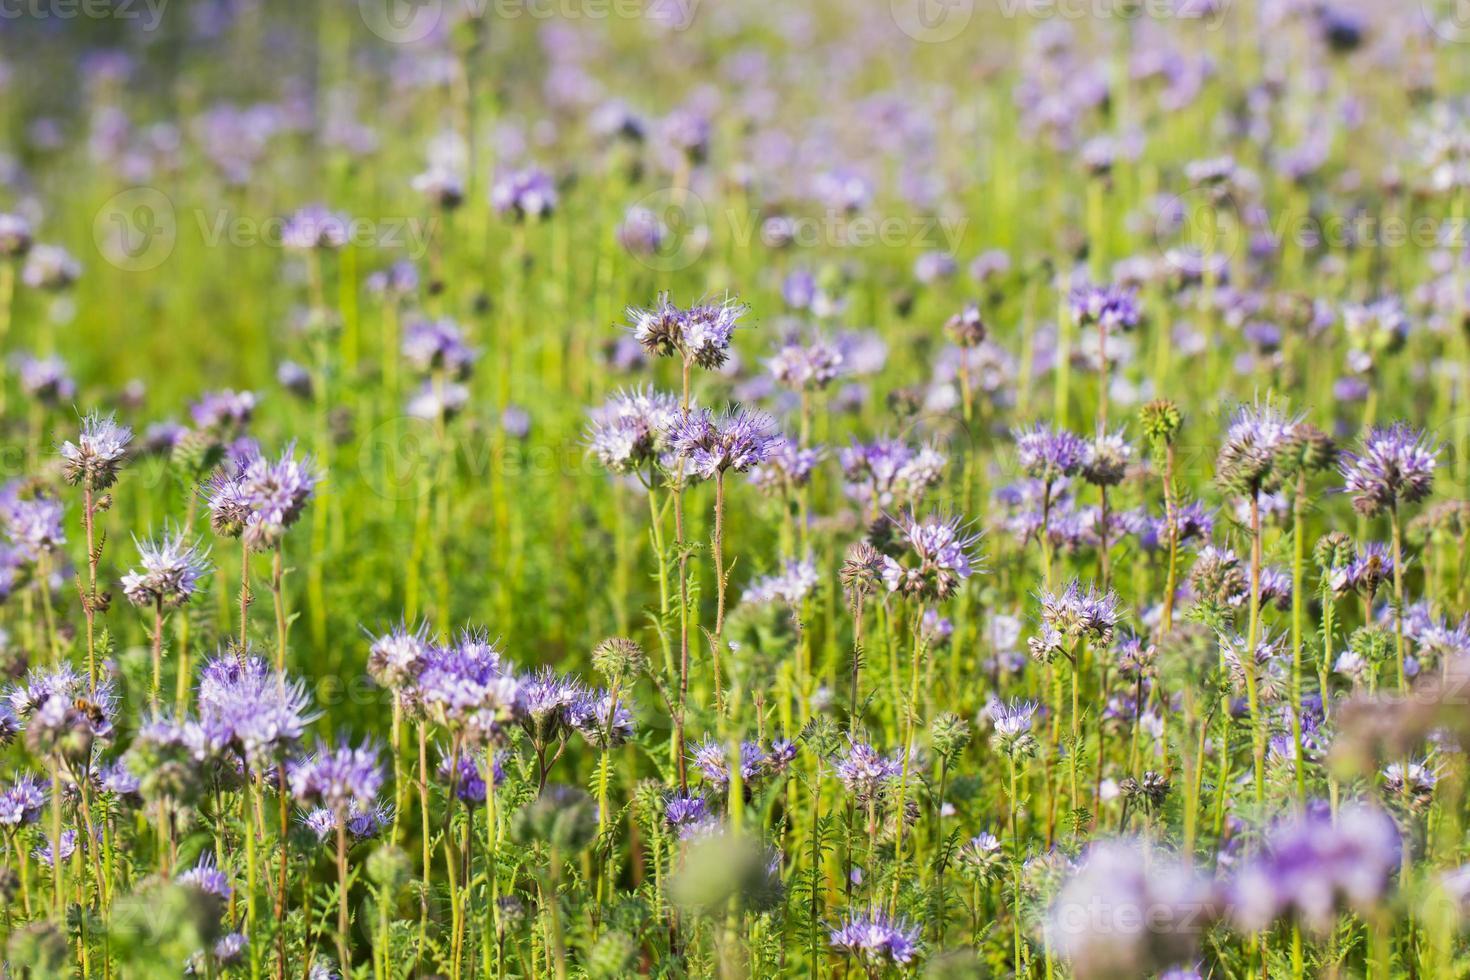 Champ agricole de fleurs de phacélie photo